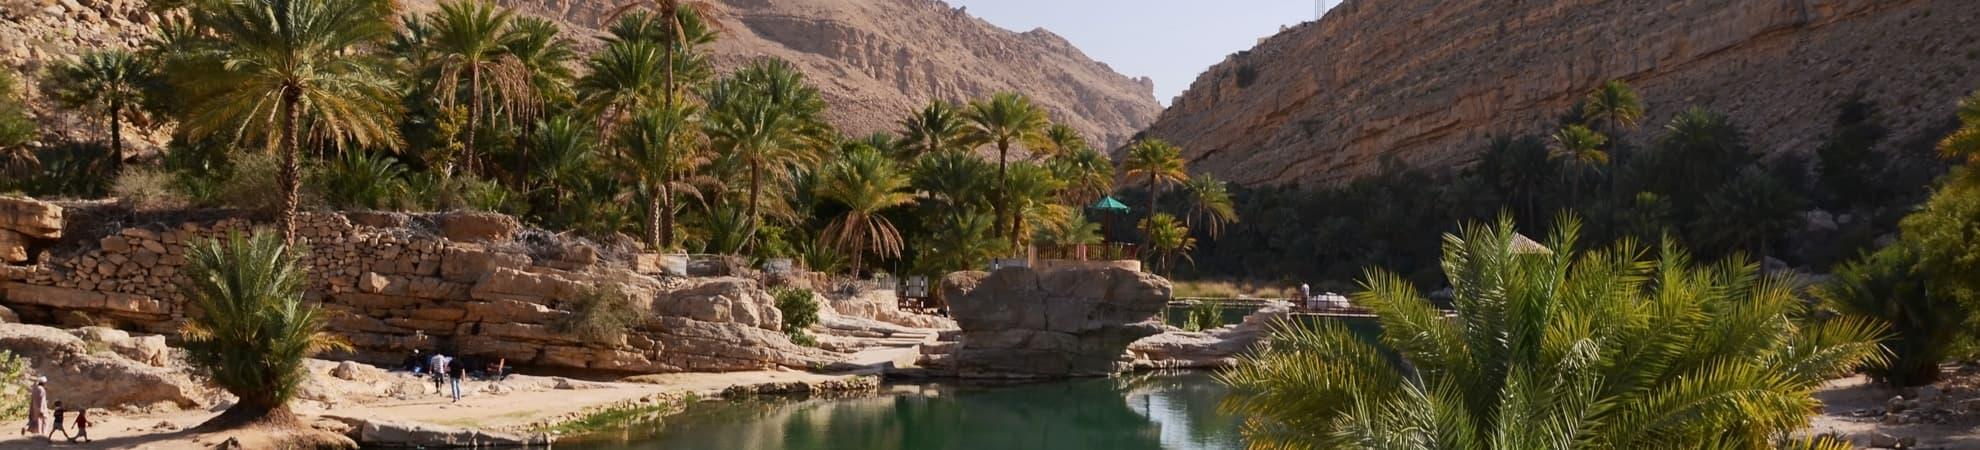 Sejour Oman